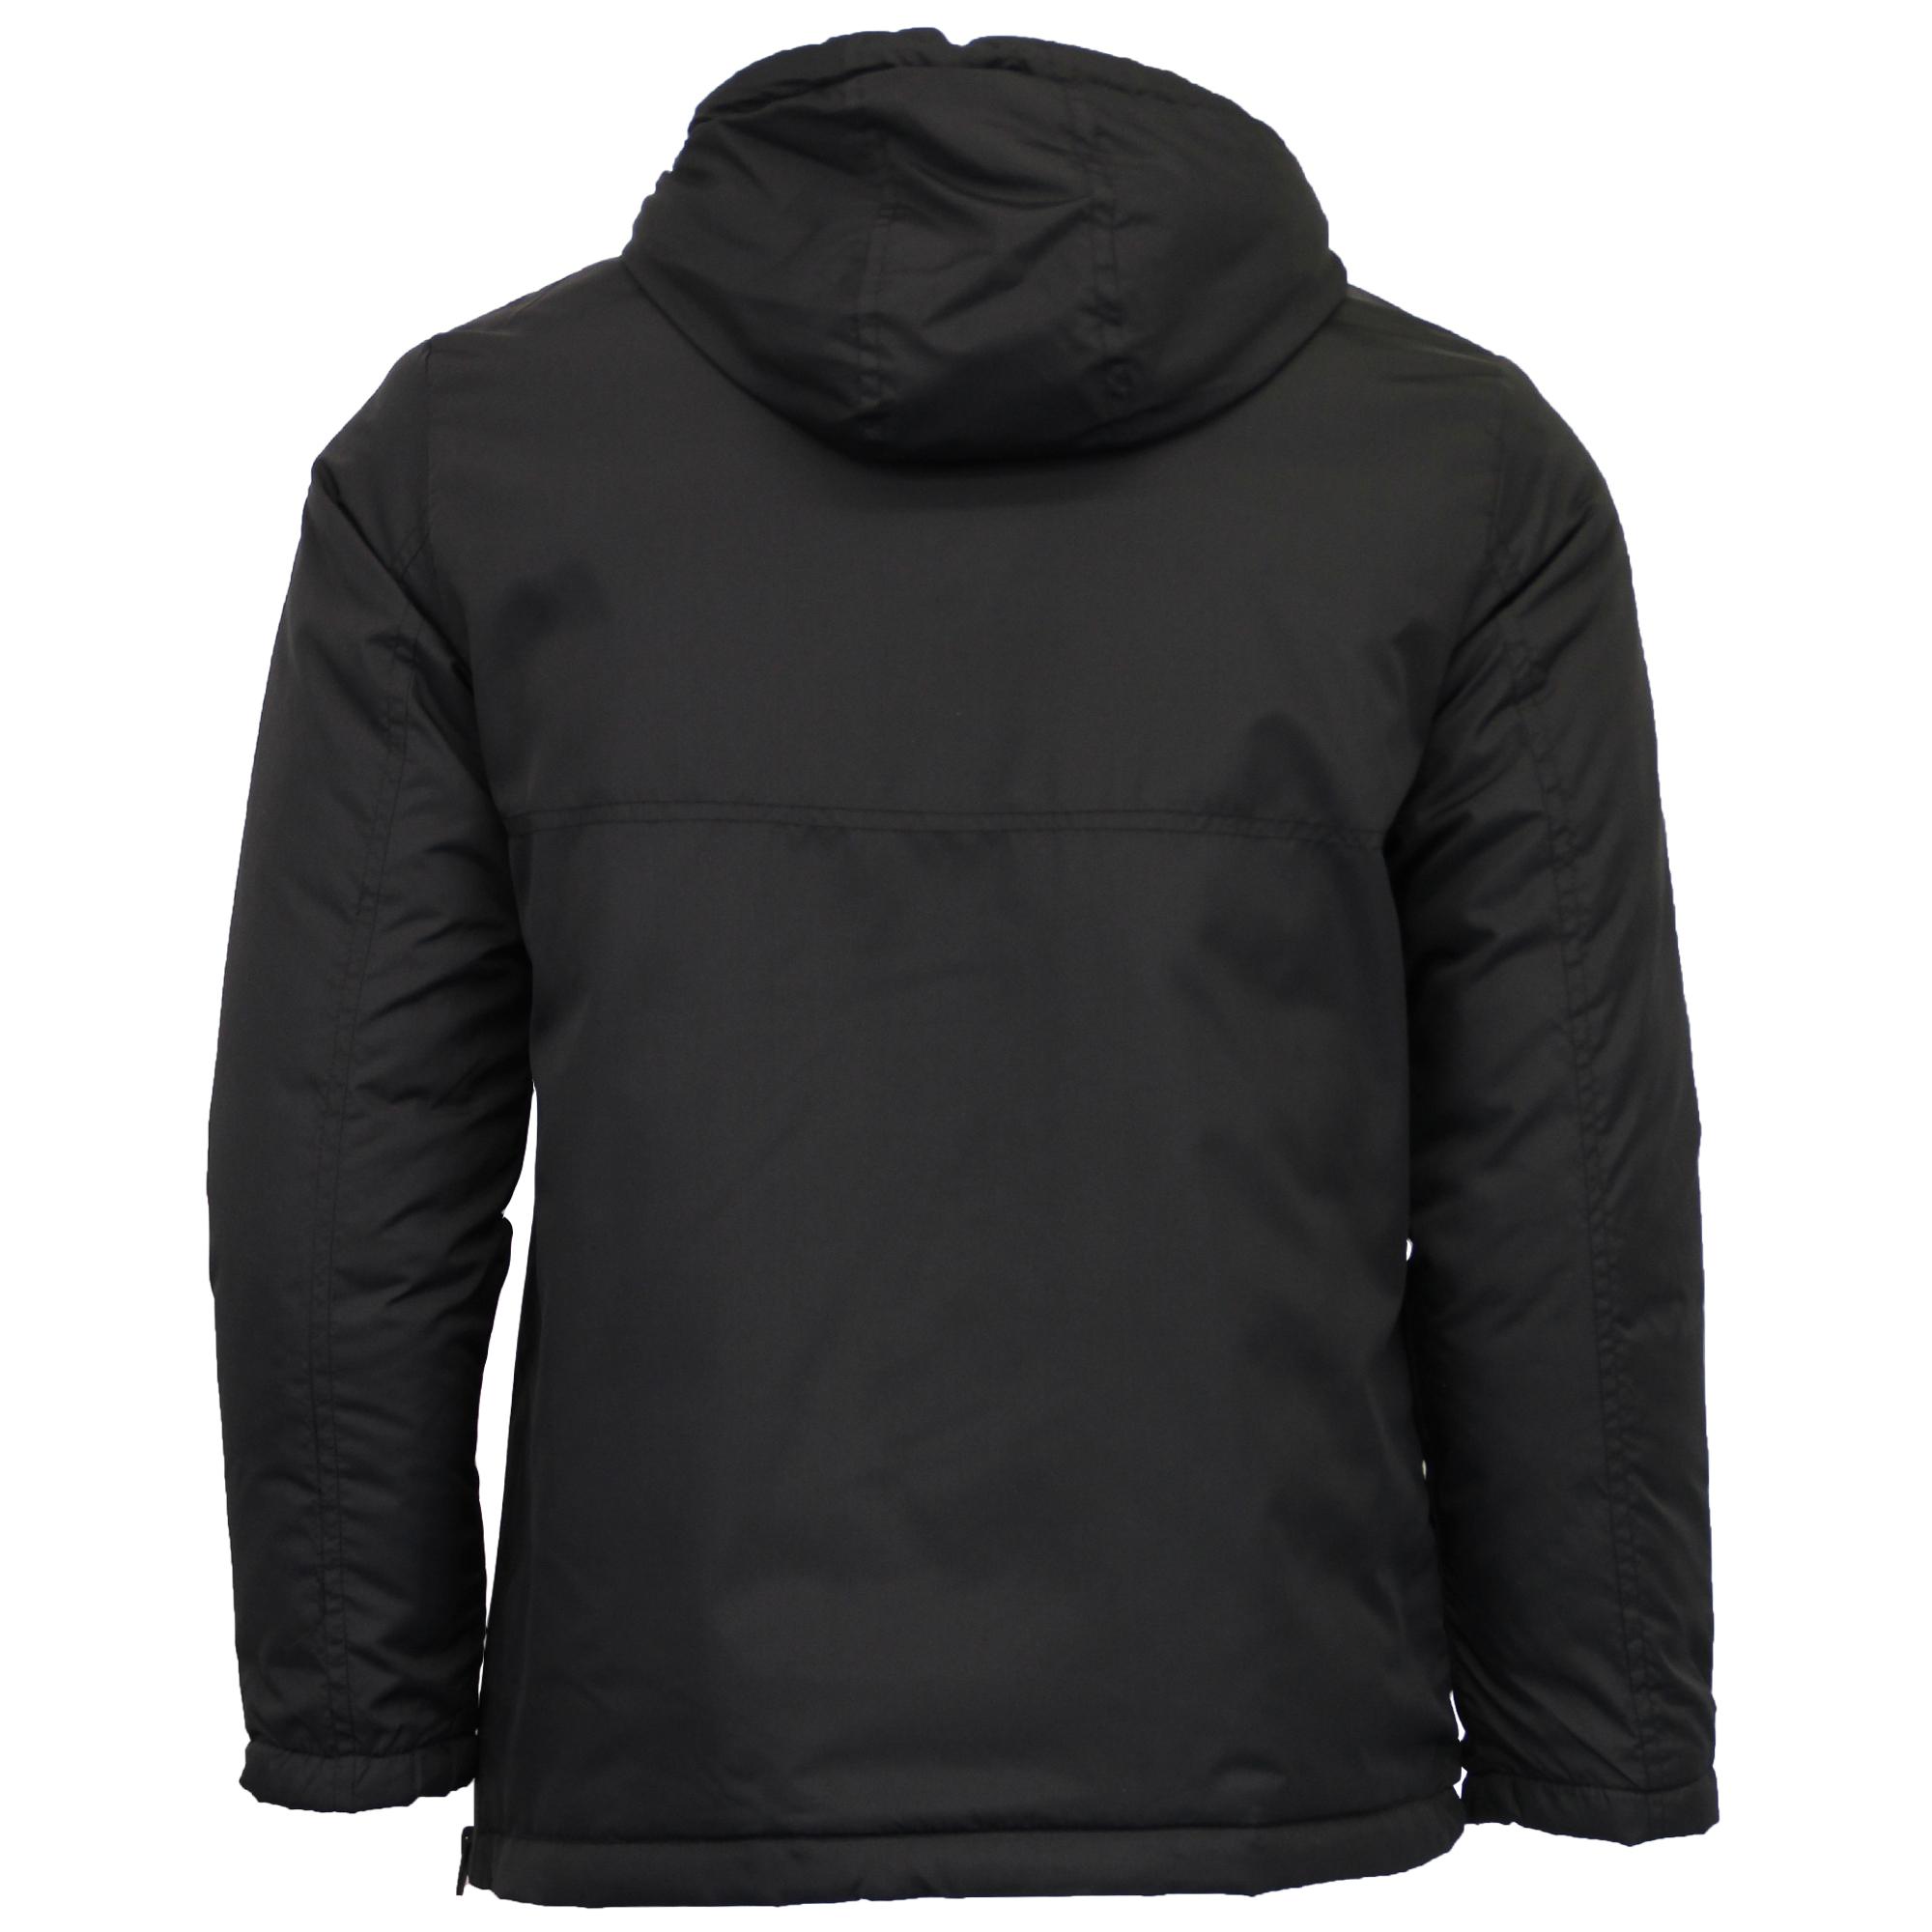 Jacket over hoodie